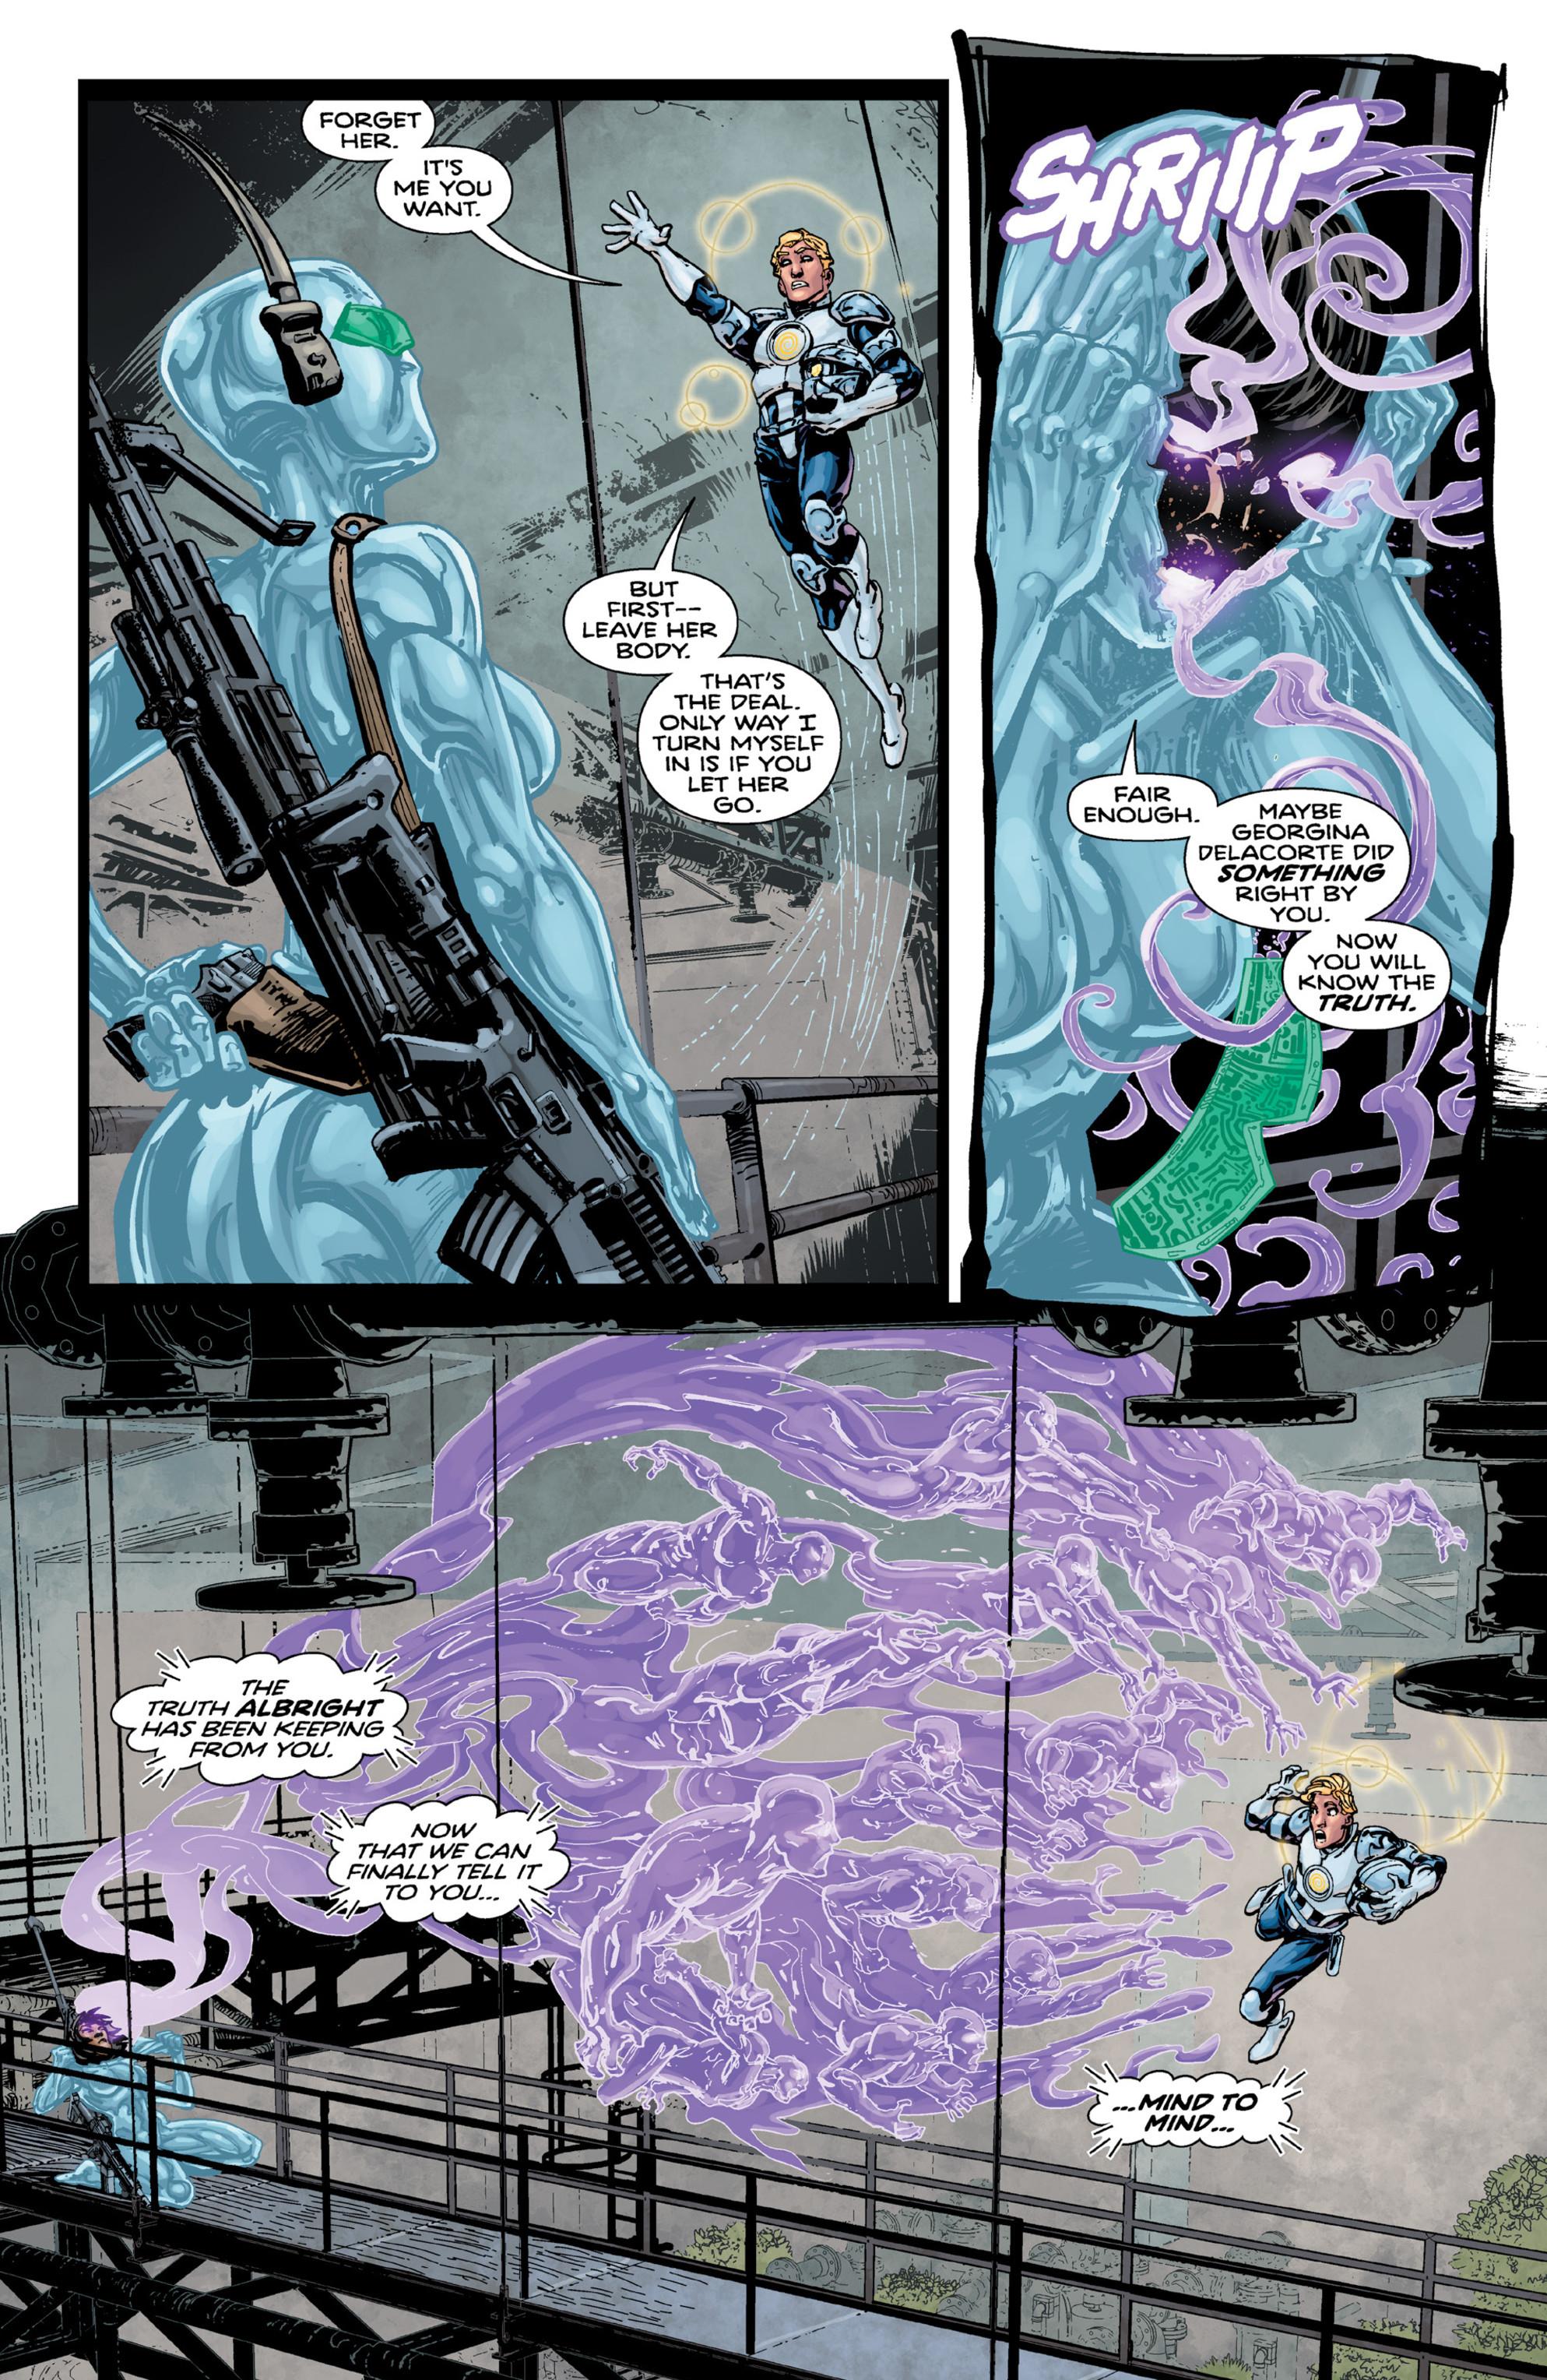 Read online Brain Boy:  The Men from G.E.S.T.A.L.T. comic -  Issue # TPB - 86